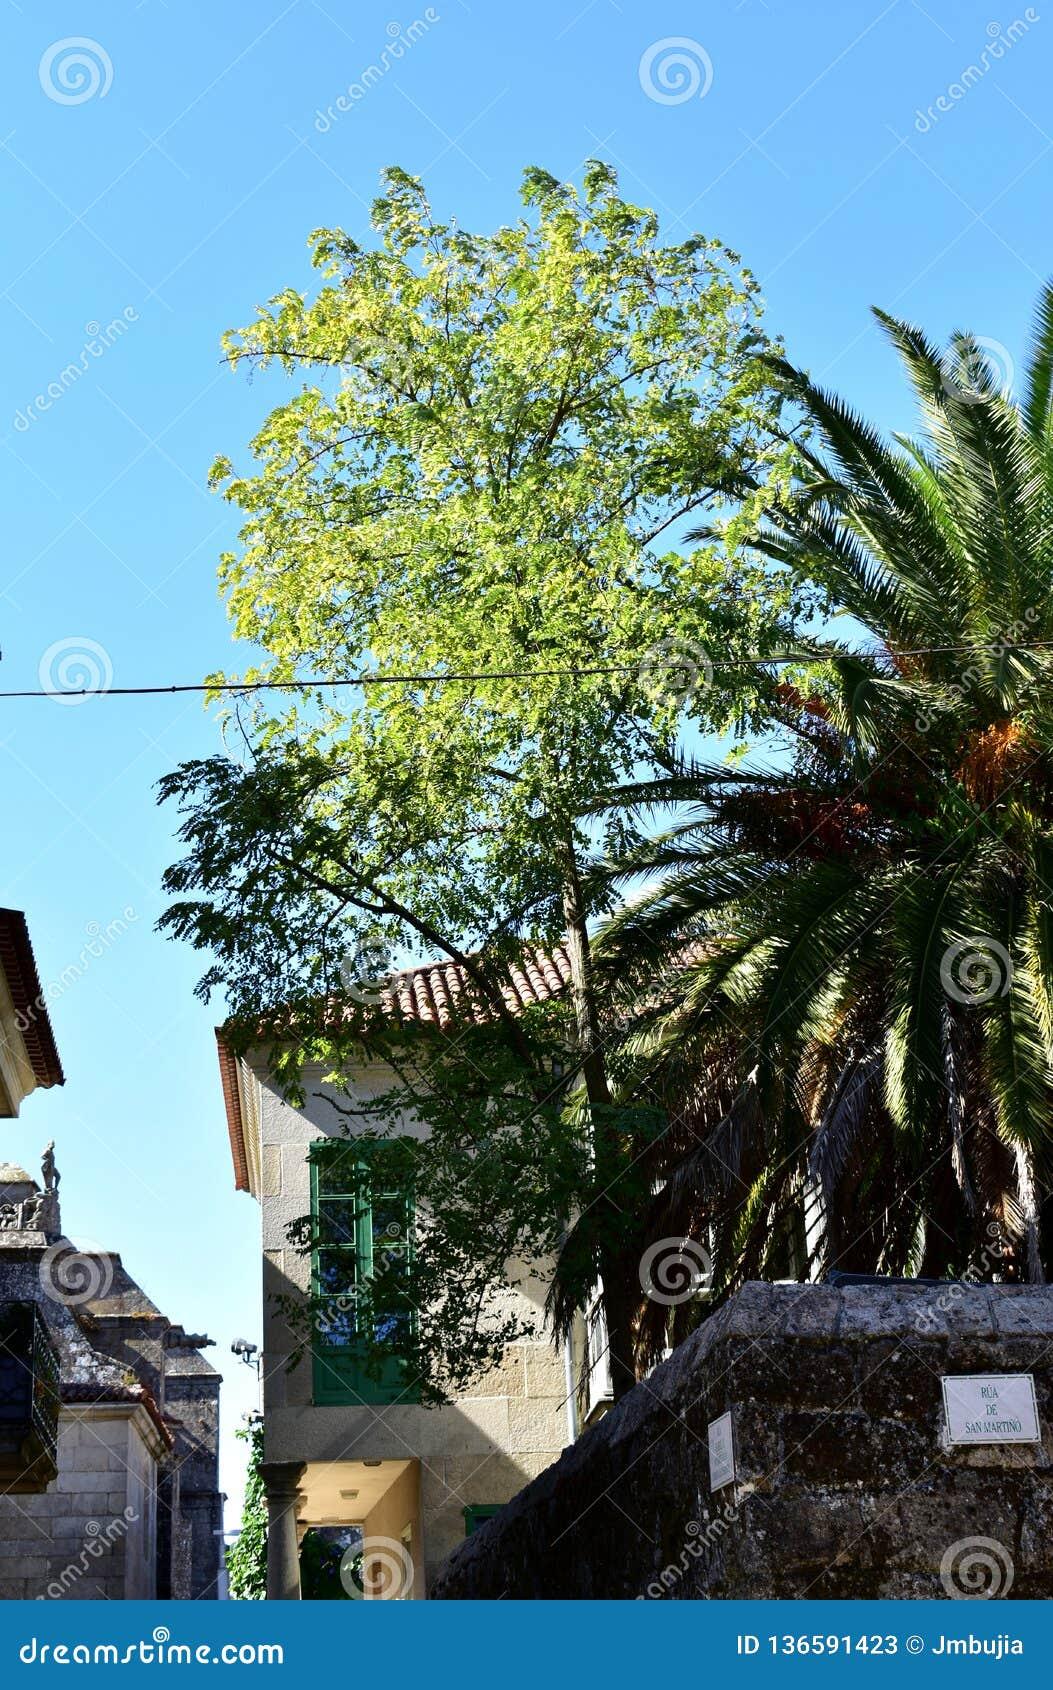 Park z drzewami i domami (Moutohora) Niebieskie niebo, słoneczny dzień Pontevedra, stary miasteczko, Hiszpania